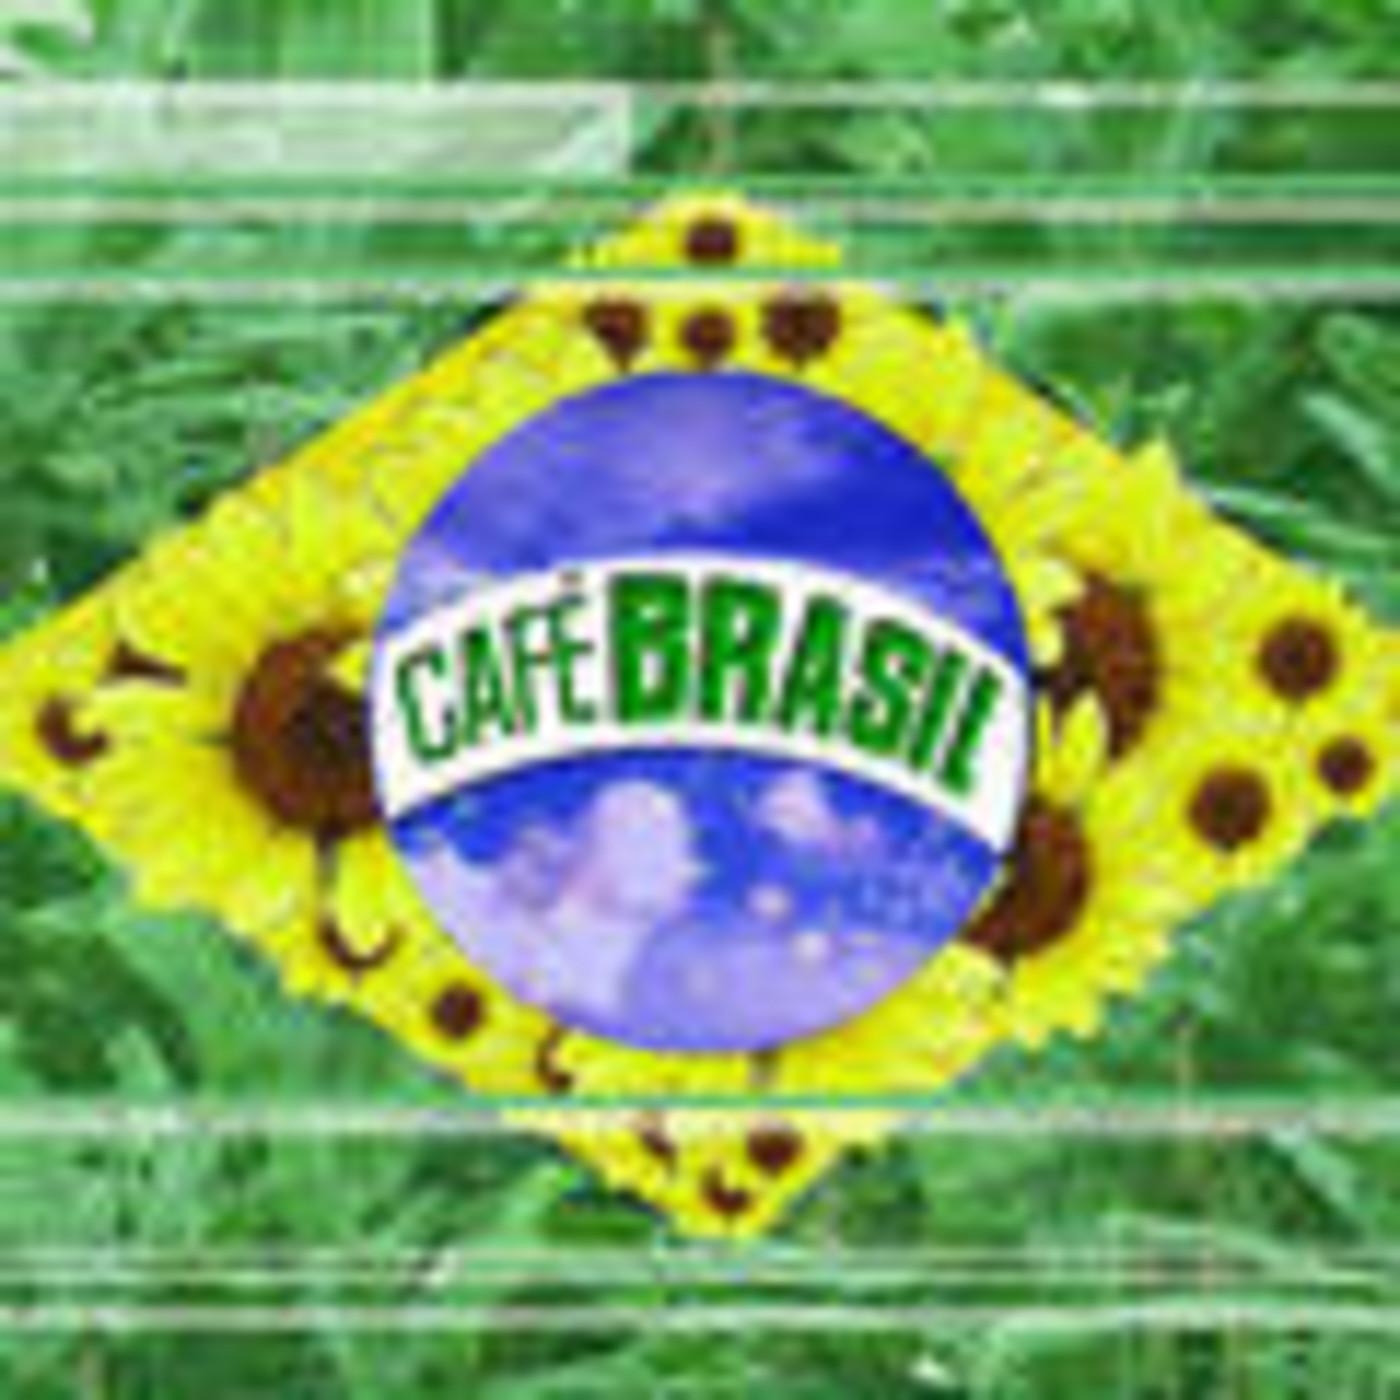 Luciano Pires & Café Brasi